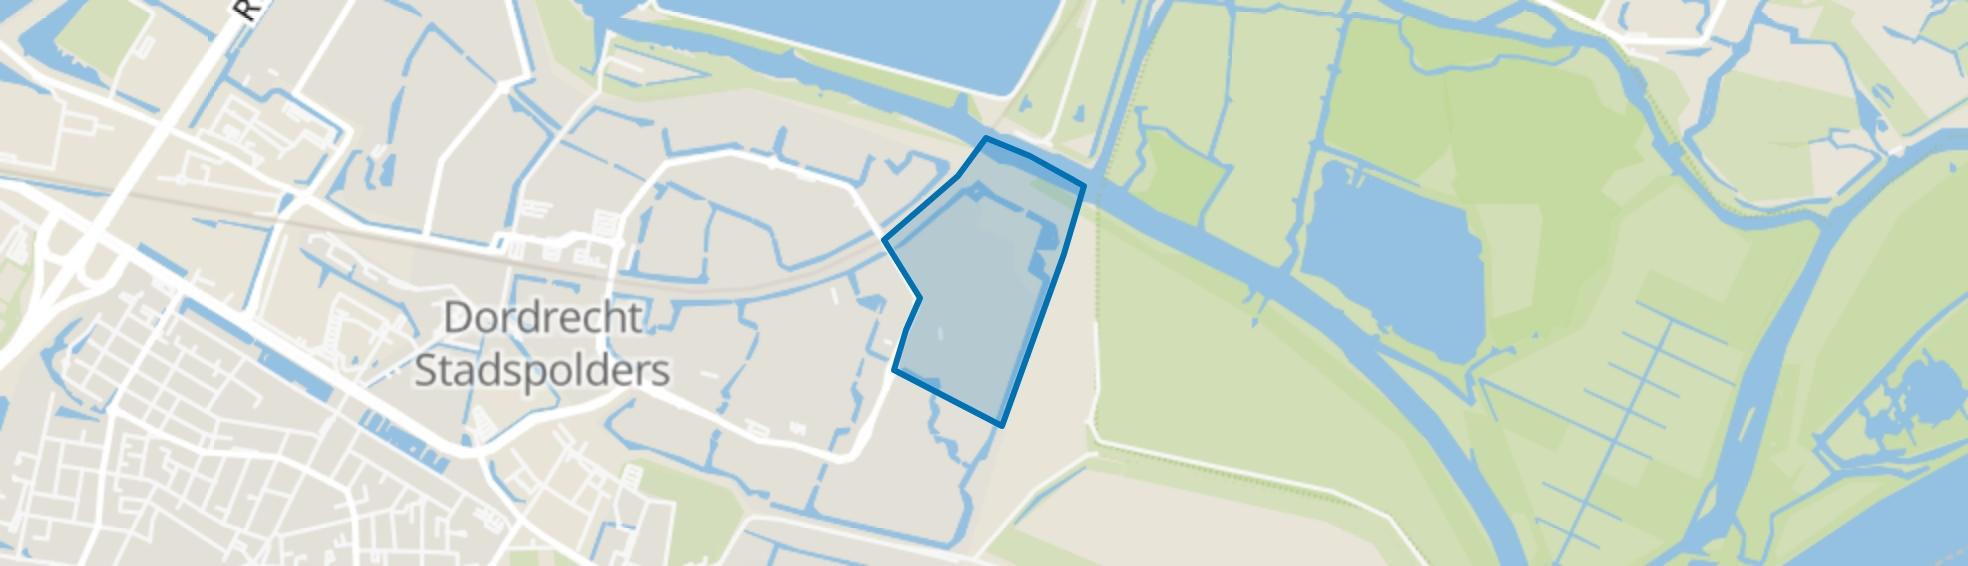 Johanna Naber-erf en omgeving, Dordrecht map